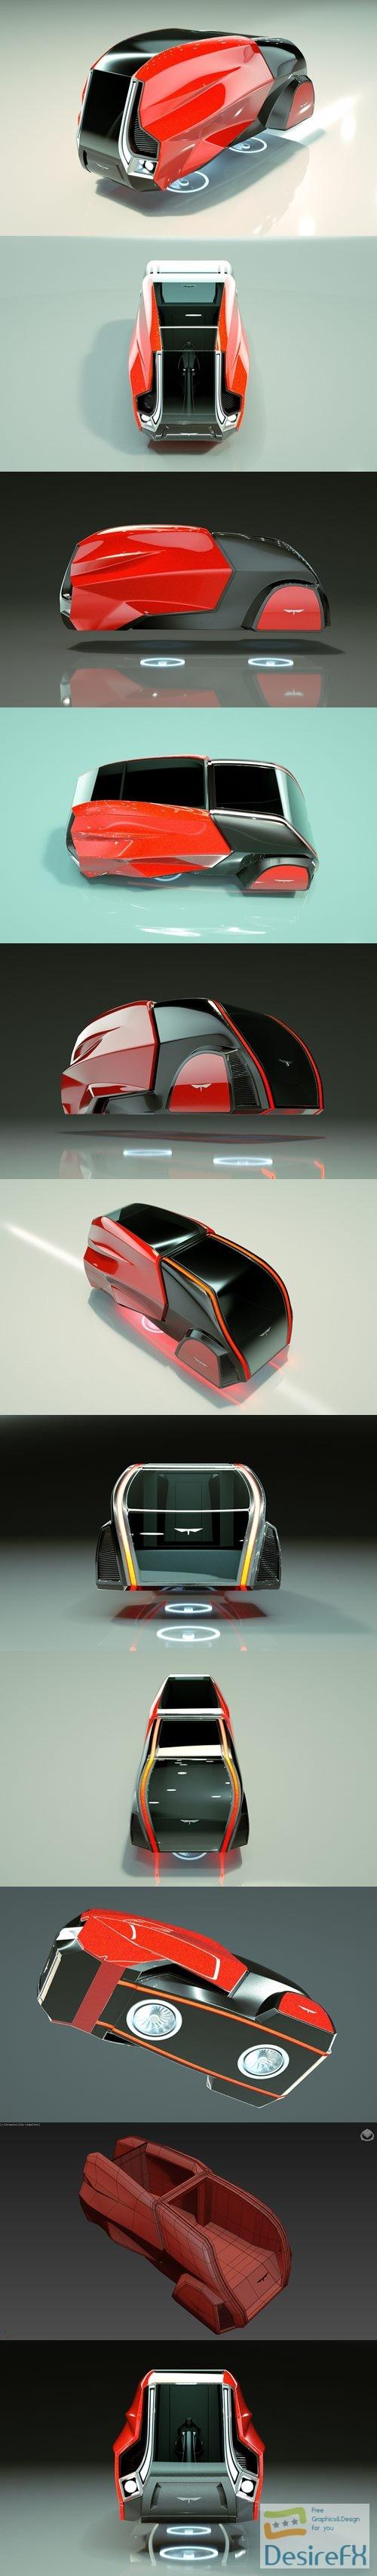 3d-models - Cheap & Cool T-Hover Minivan Car 18 3D Model